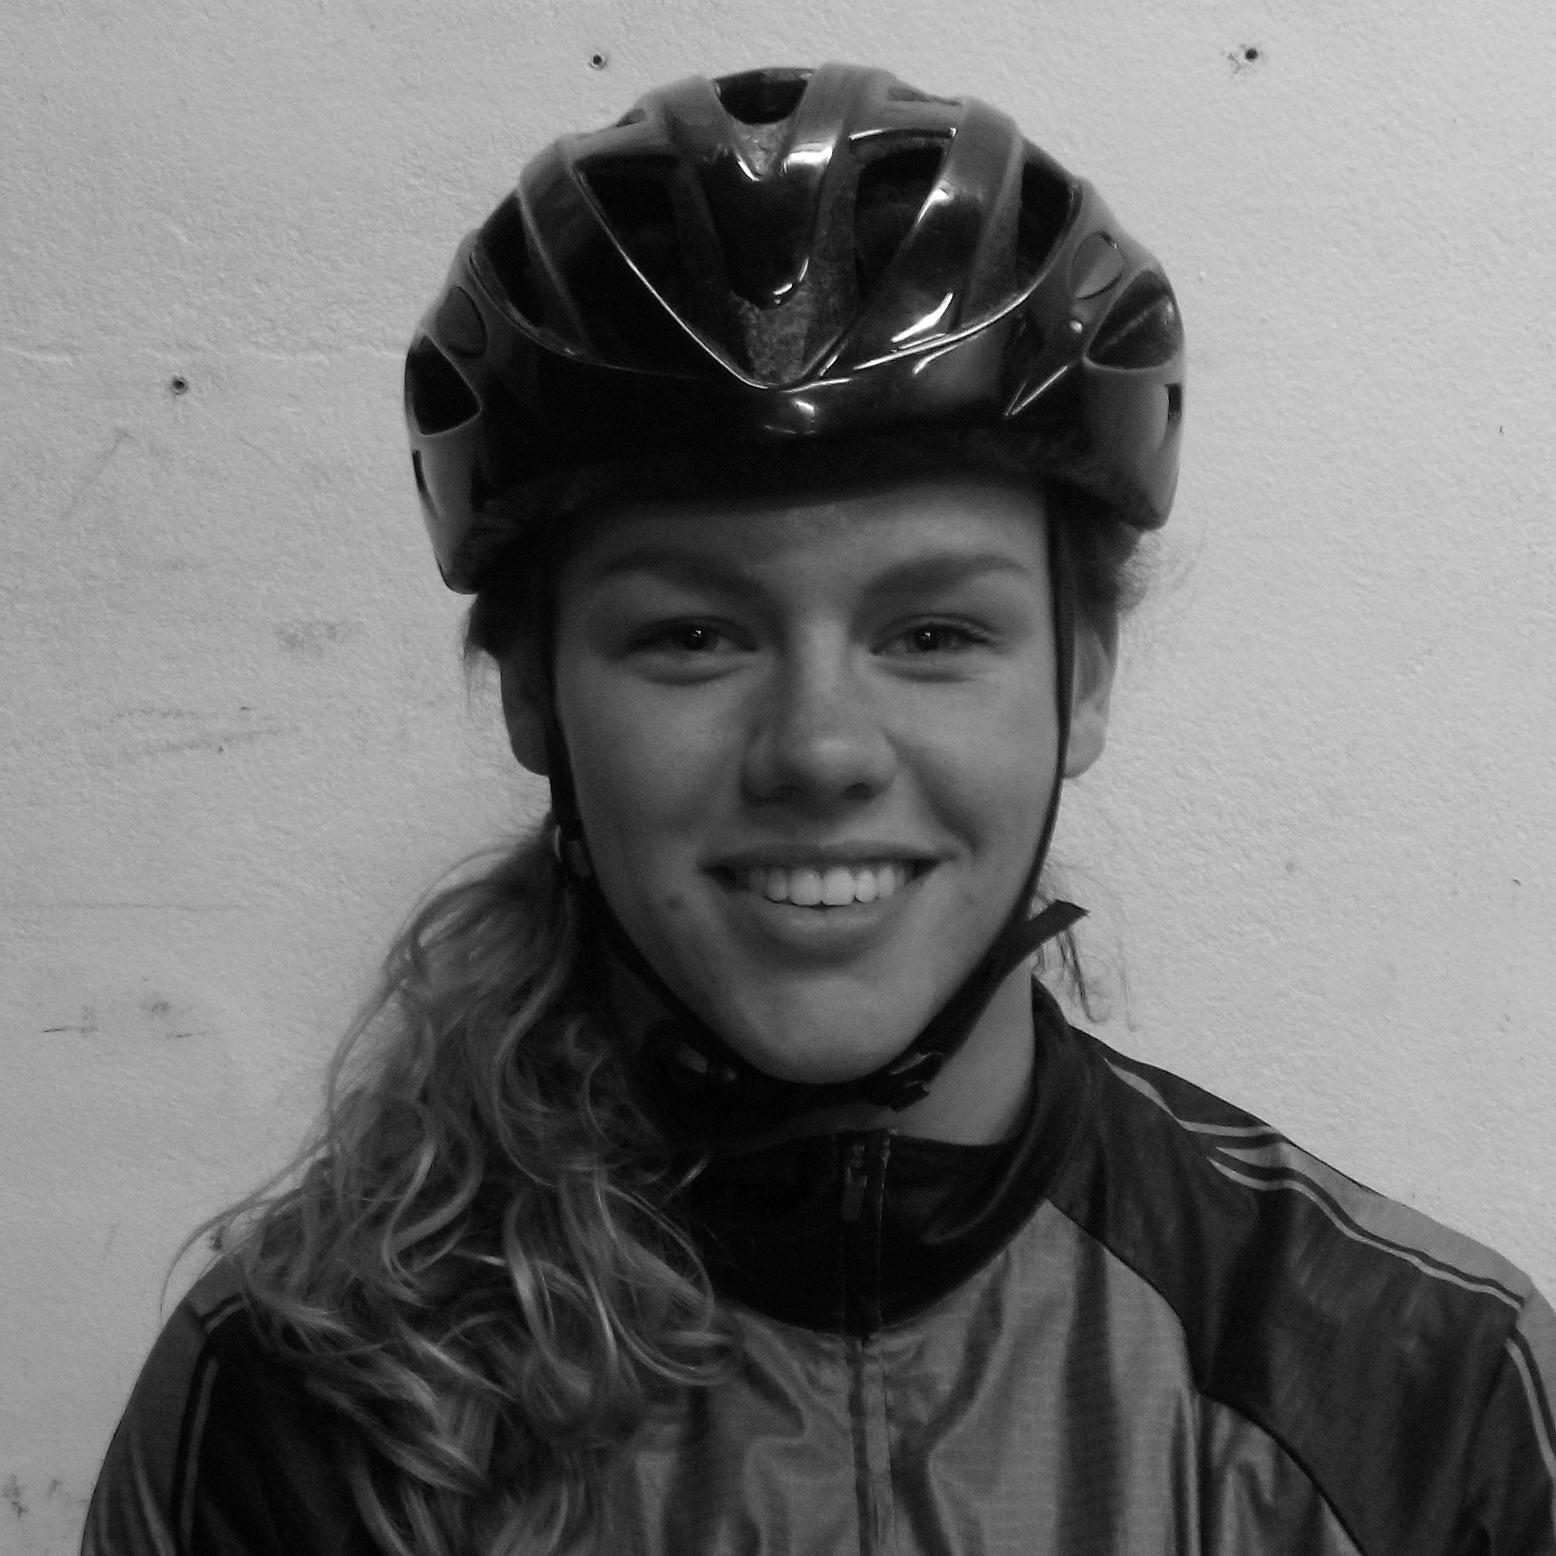 portretfoto fietskoerier romy theimessen